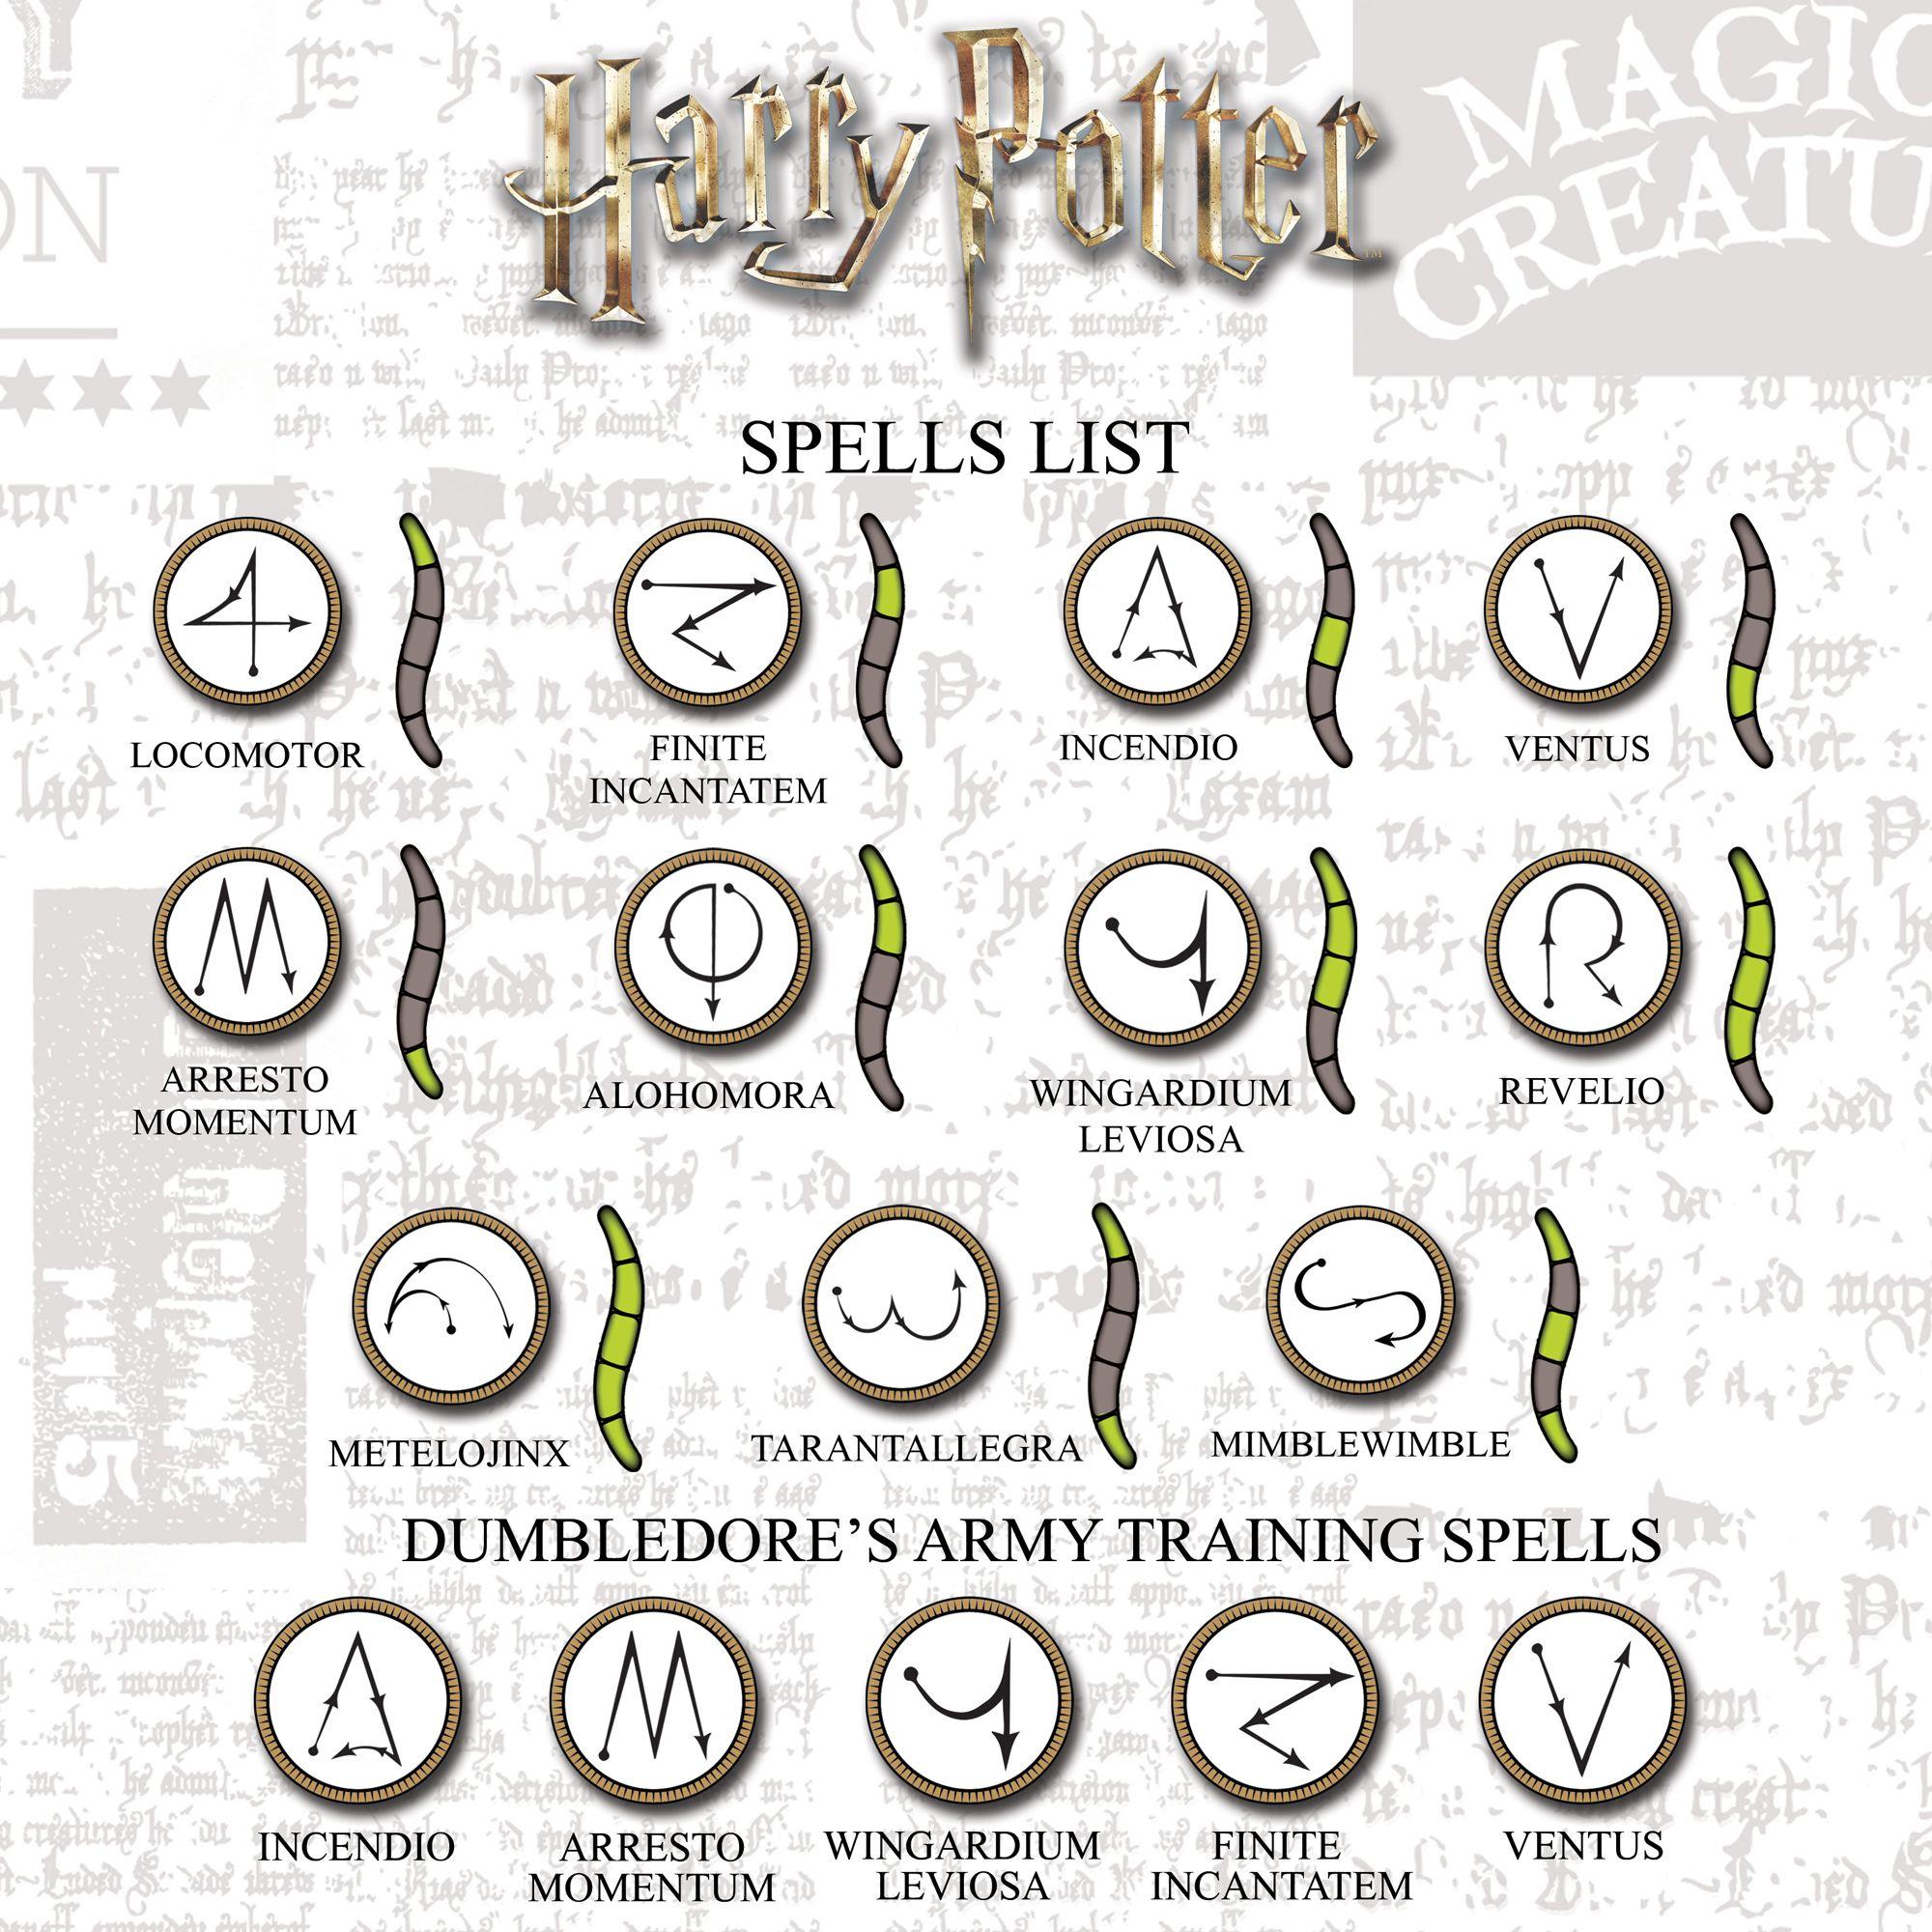 Found On Bing From Www Gizmodo Com Au Harry Potter Wand Harry Potter Spells Harry Potter Spells List